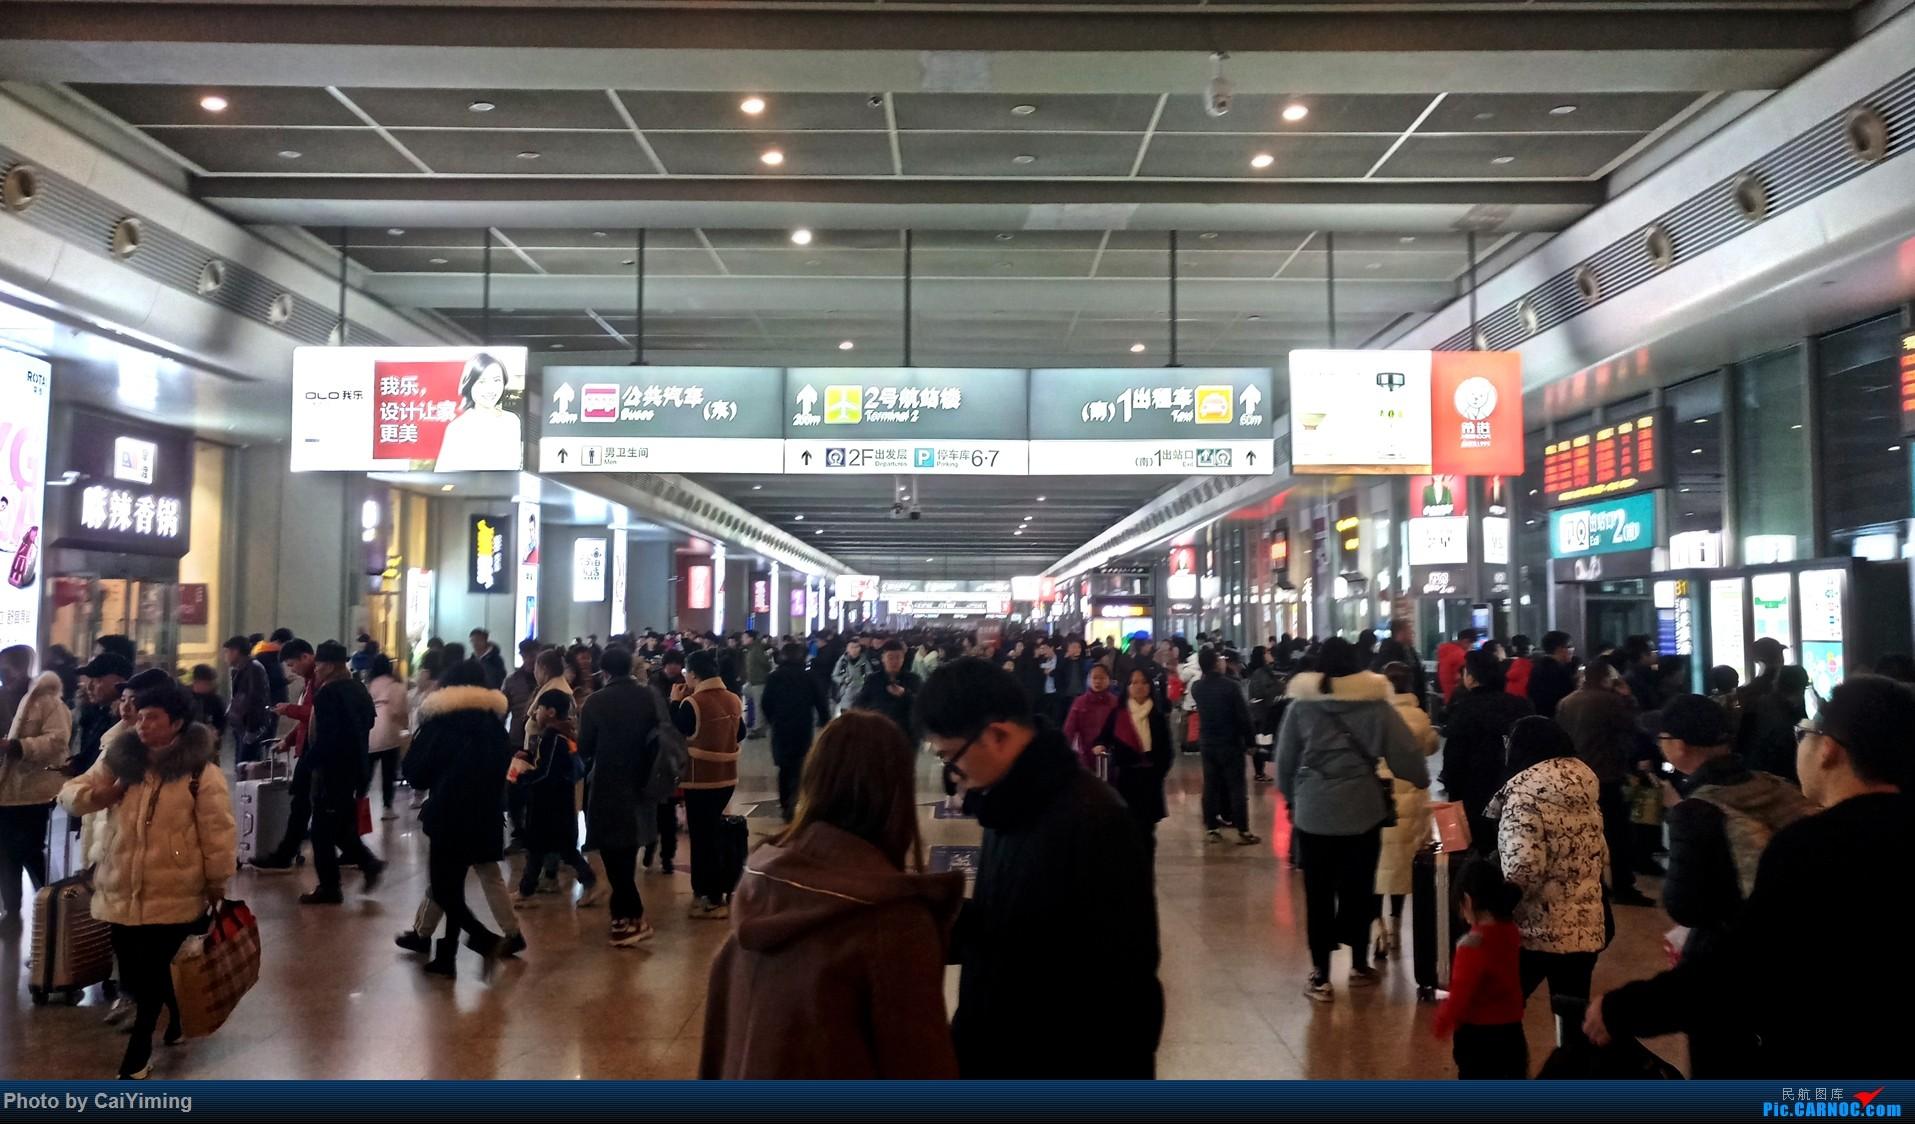 Re:[原创]【人在旅途】成都-浦东-虹桥-西安-南通-成都(3U+MU空客A359体验)    中国上海虹桥国际机场